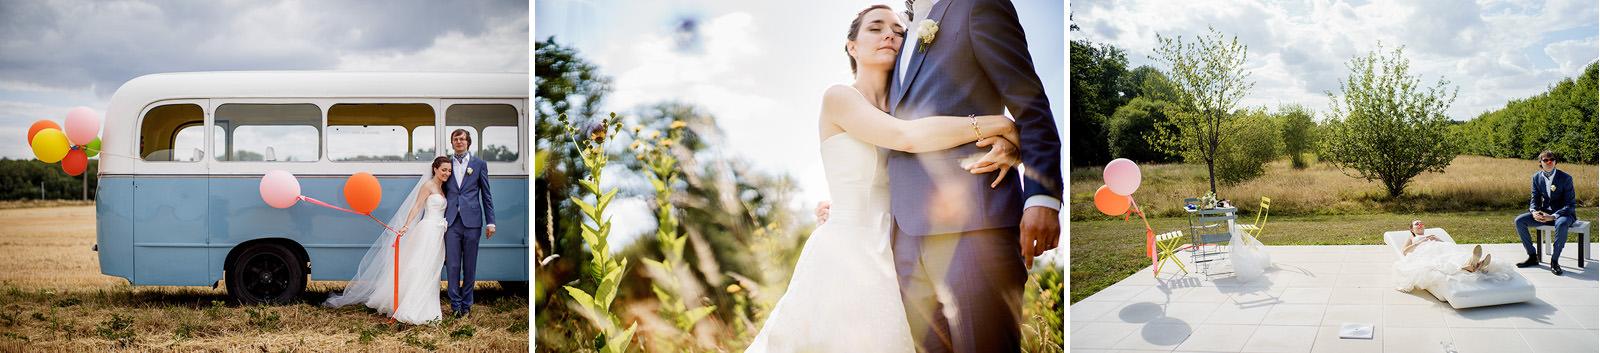 photographe de mariage et reportage à Paris